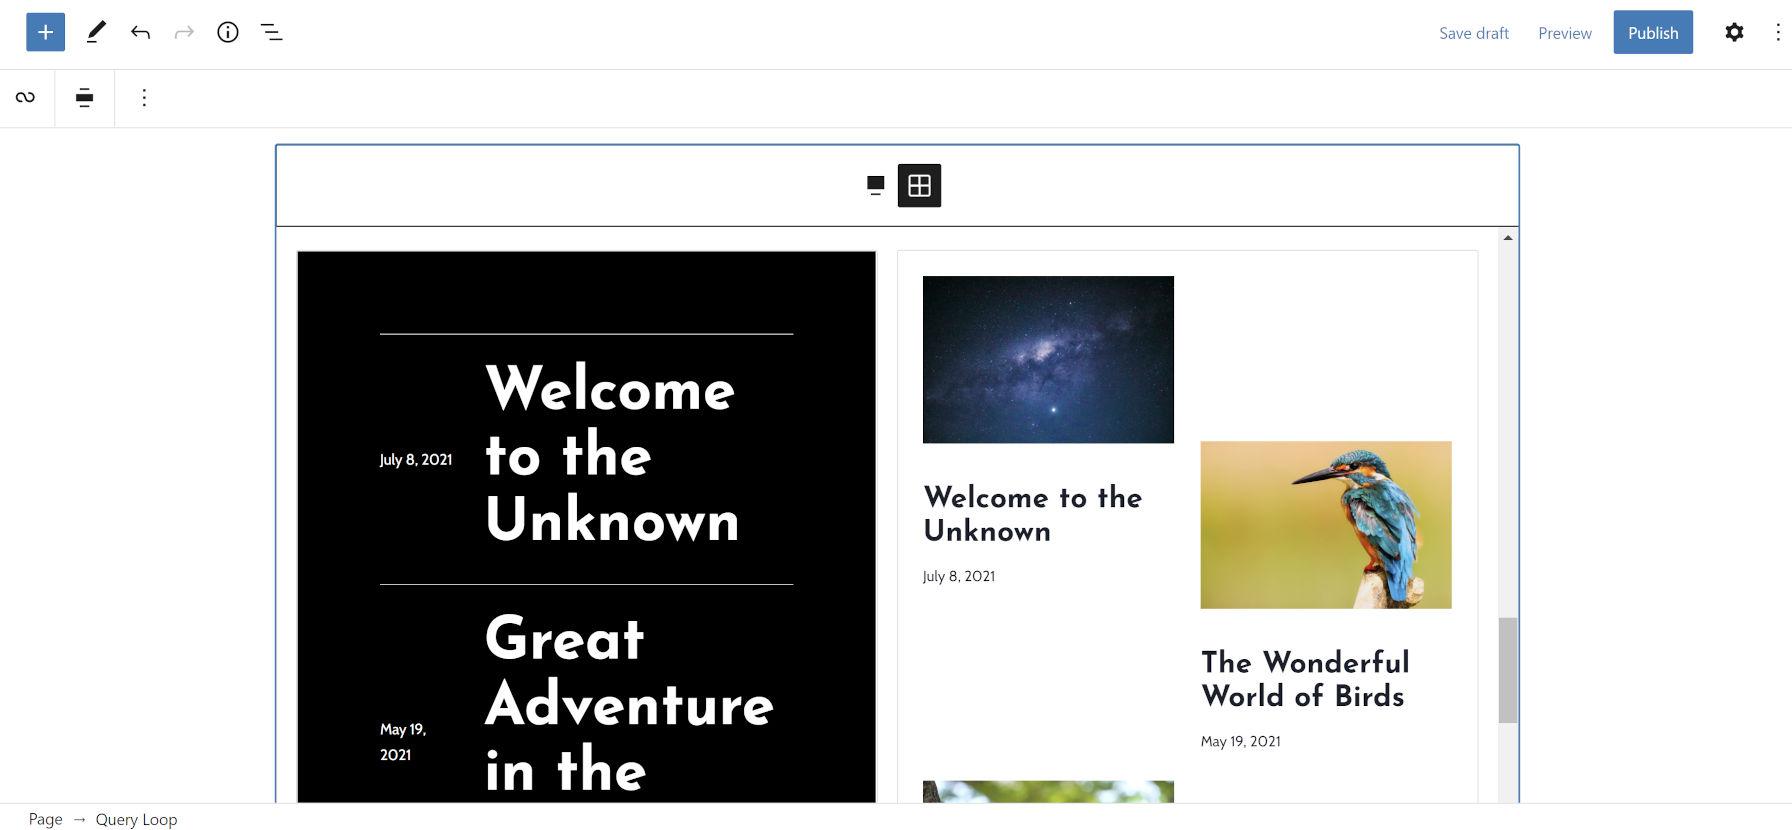 Una vista a due colonne, basata su griglia, dei modelli disponibili per l'inserimento nell'editor di WordPress.